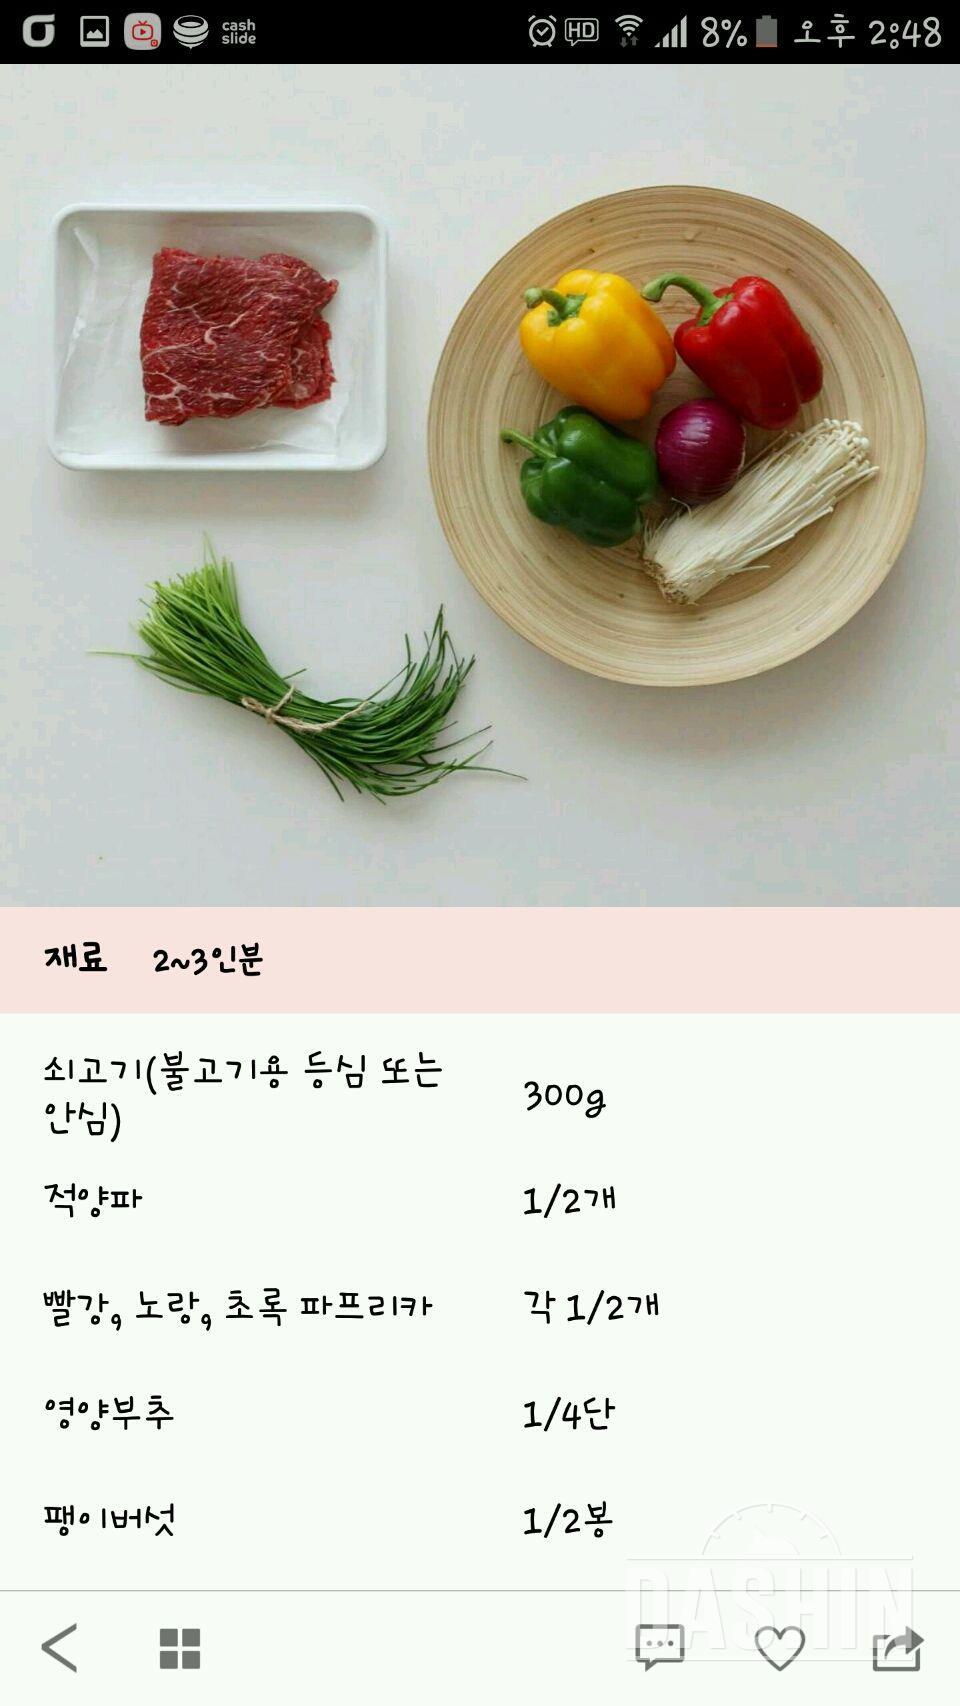 고기가 먹고싶을땐 추천 ^0^